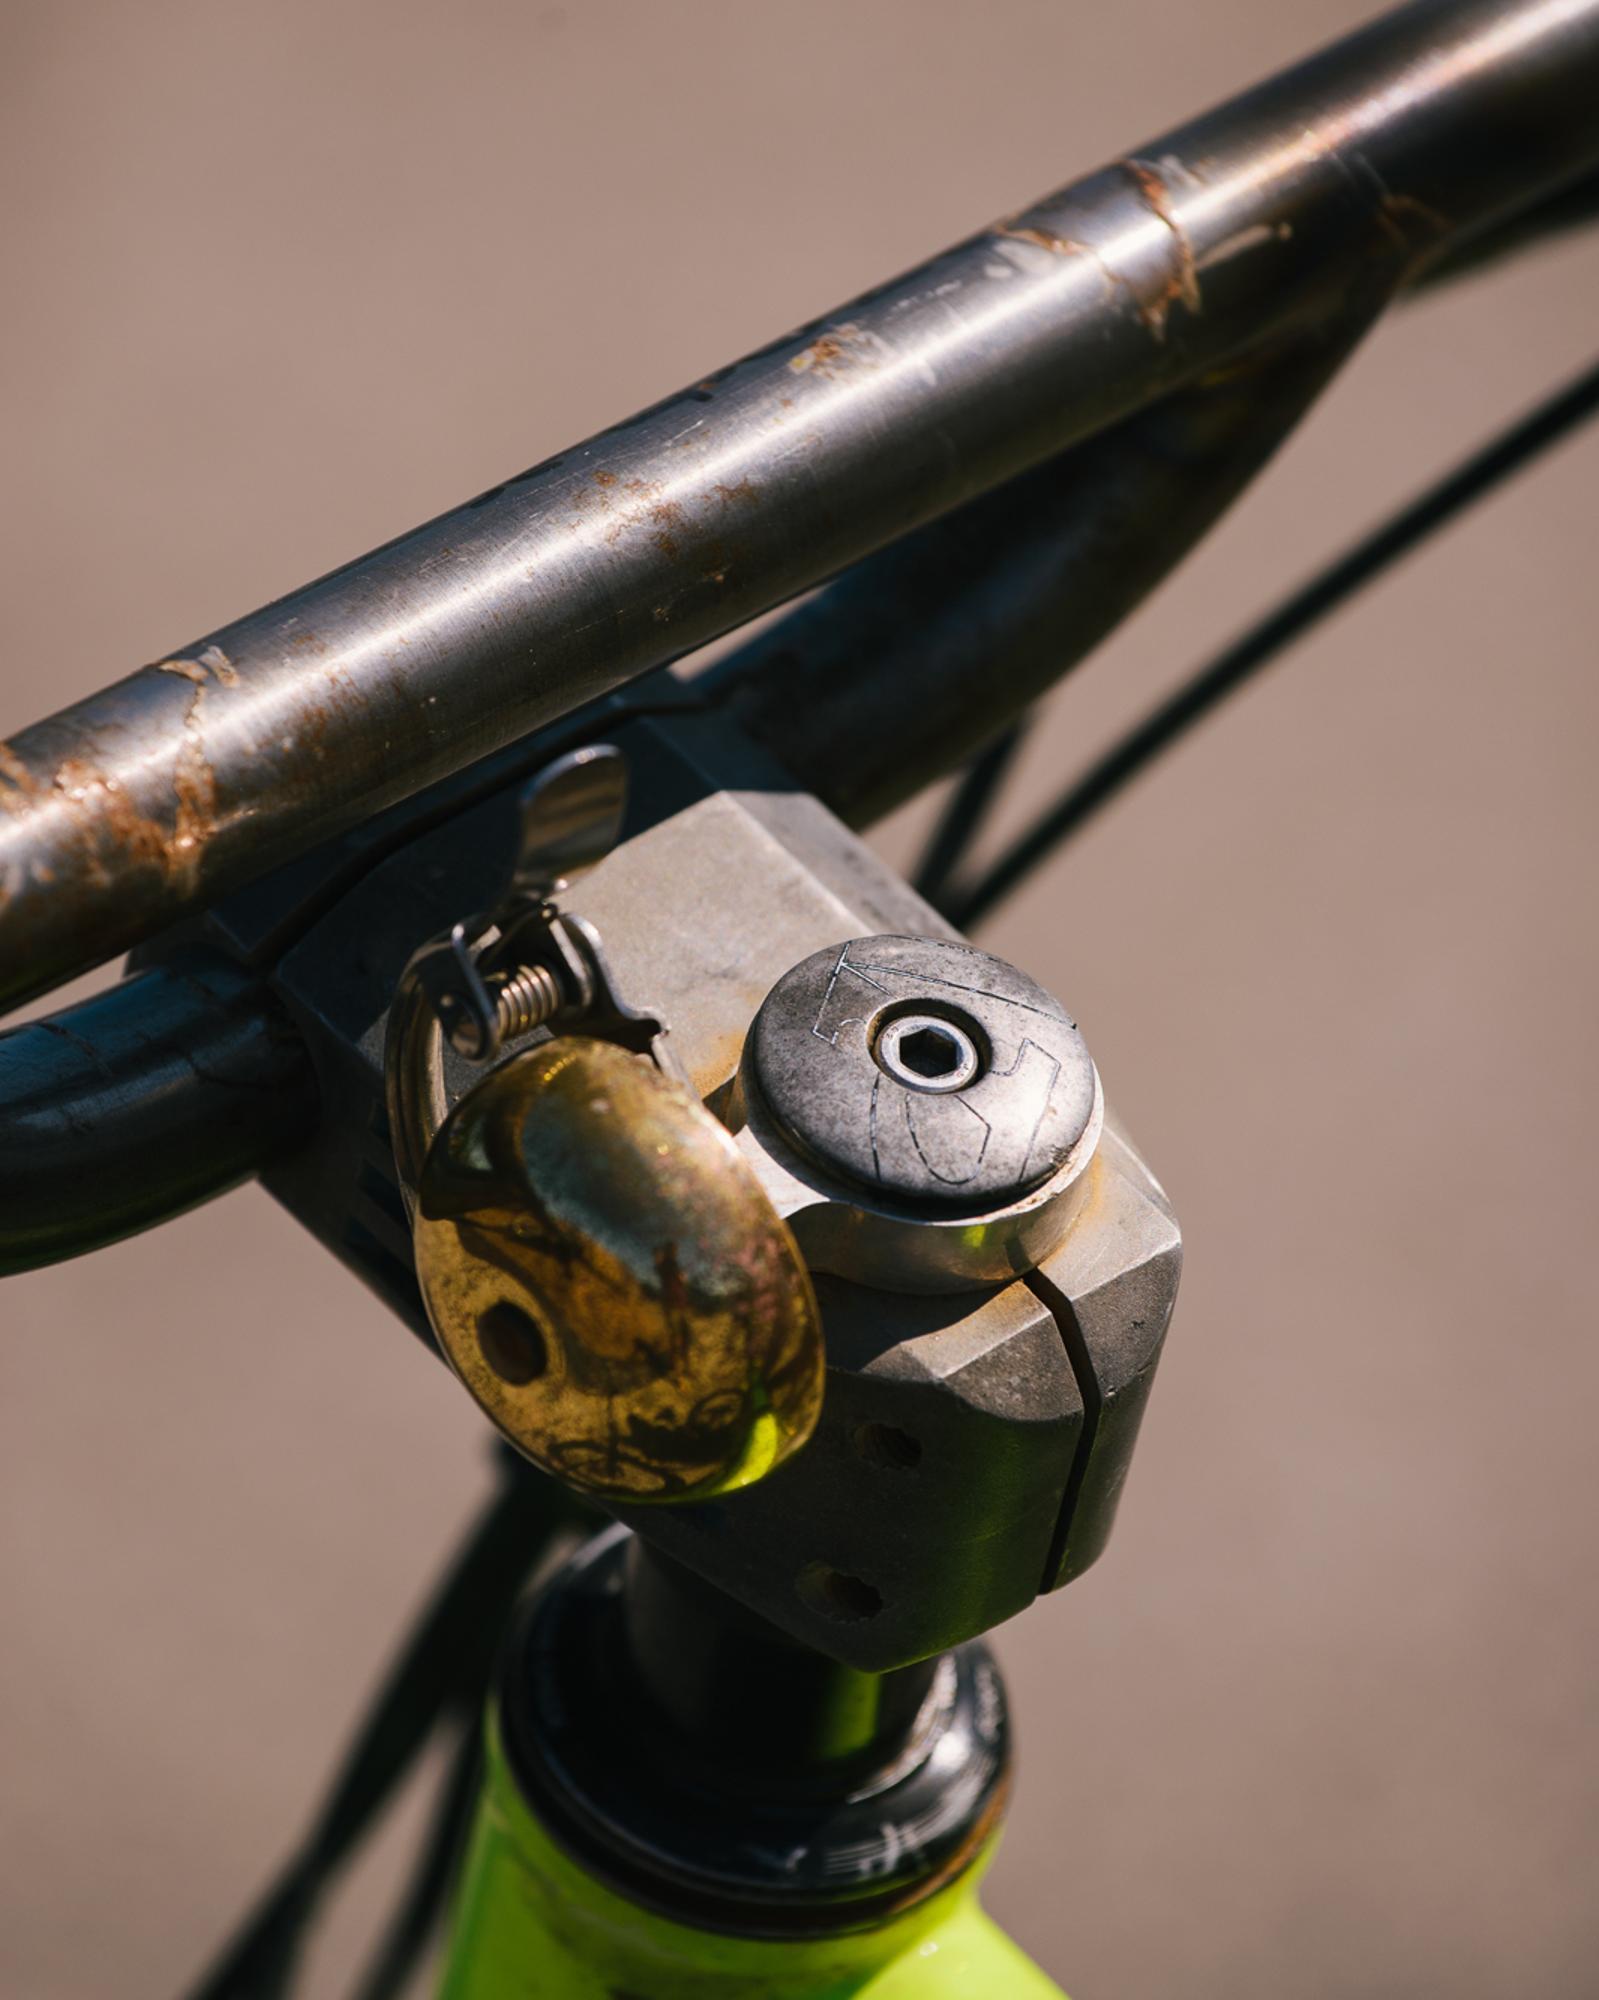 Trevor and His Cascadia Cycles Doug Fir Rigid MTB